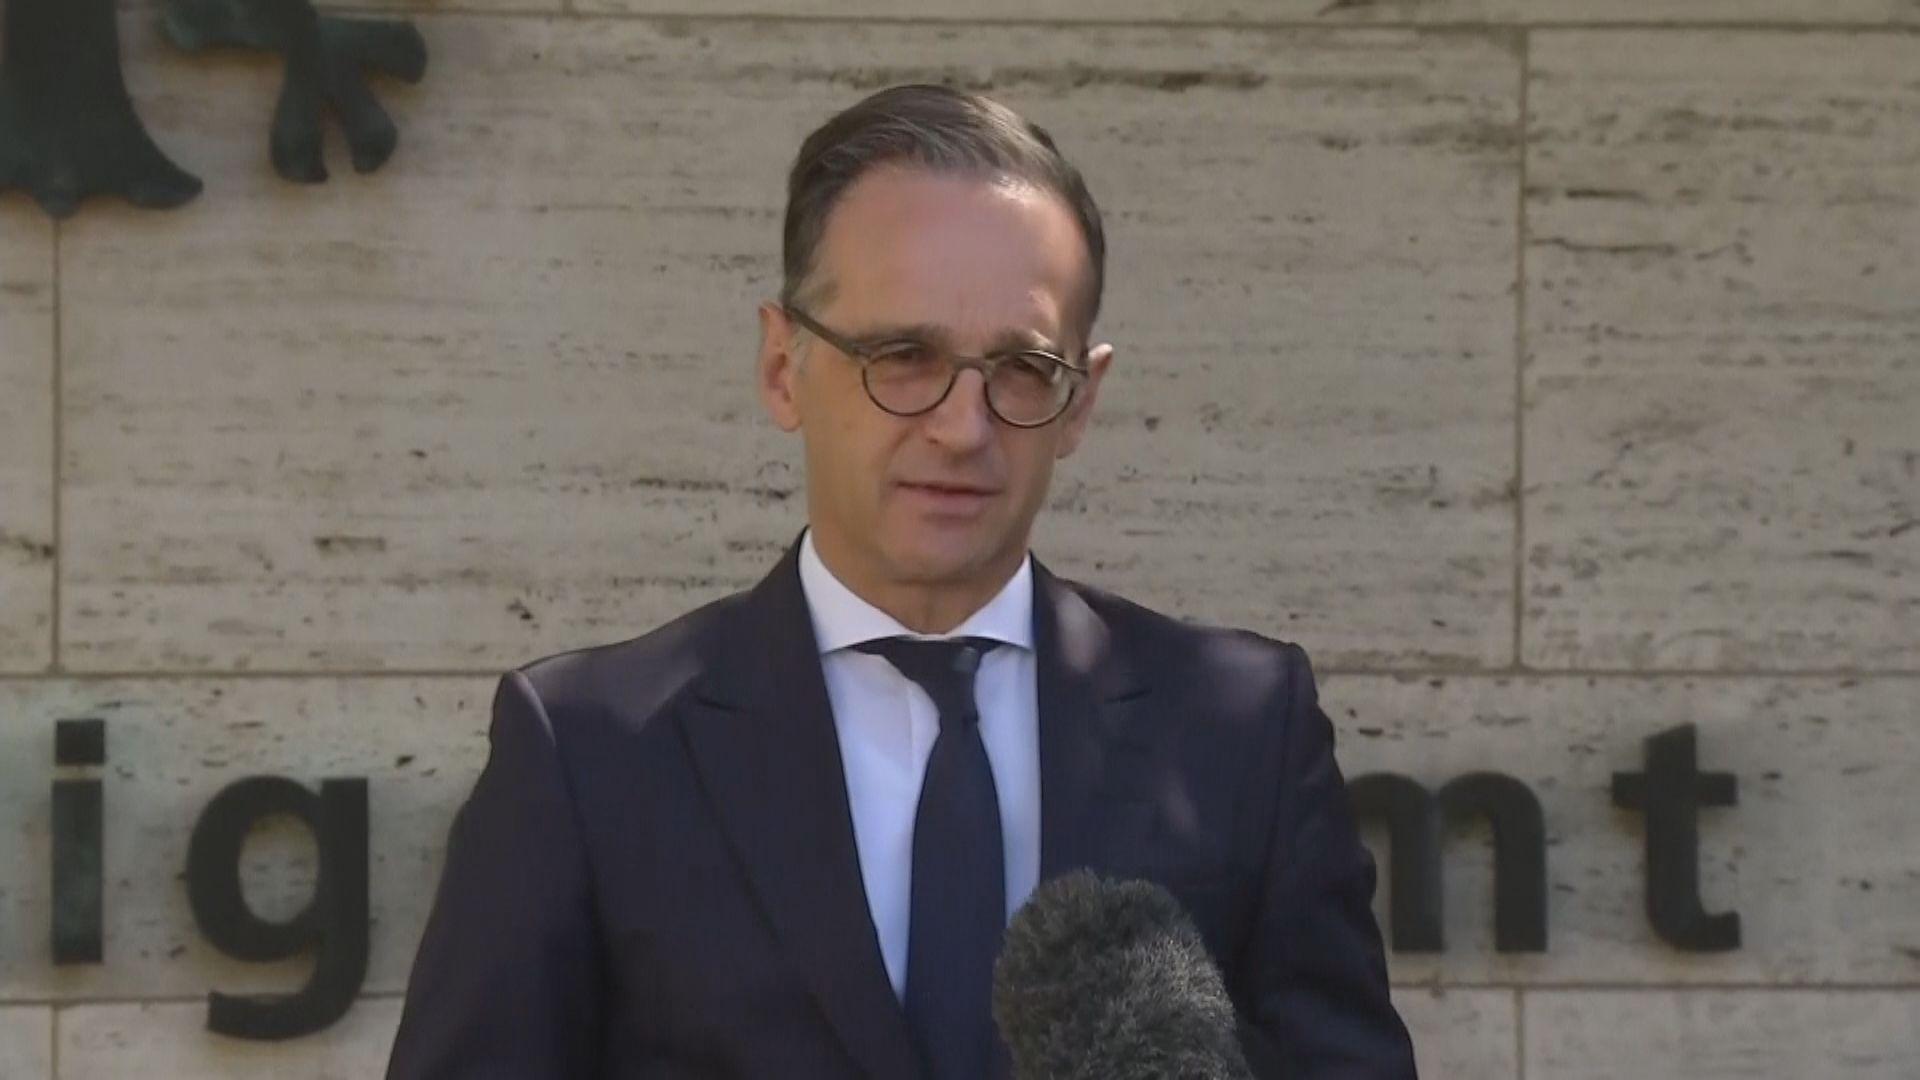 德國本月中將解除部分歐洲國家旅遊限制